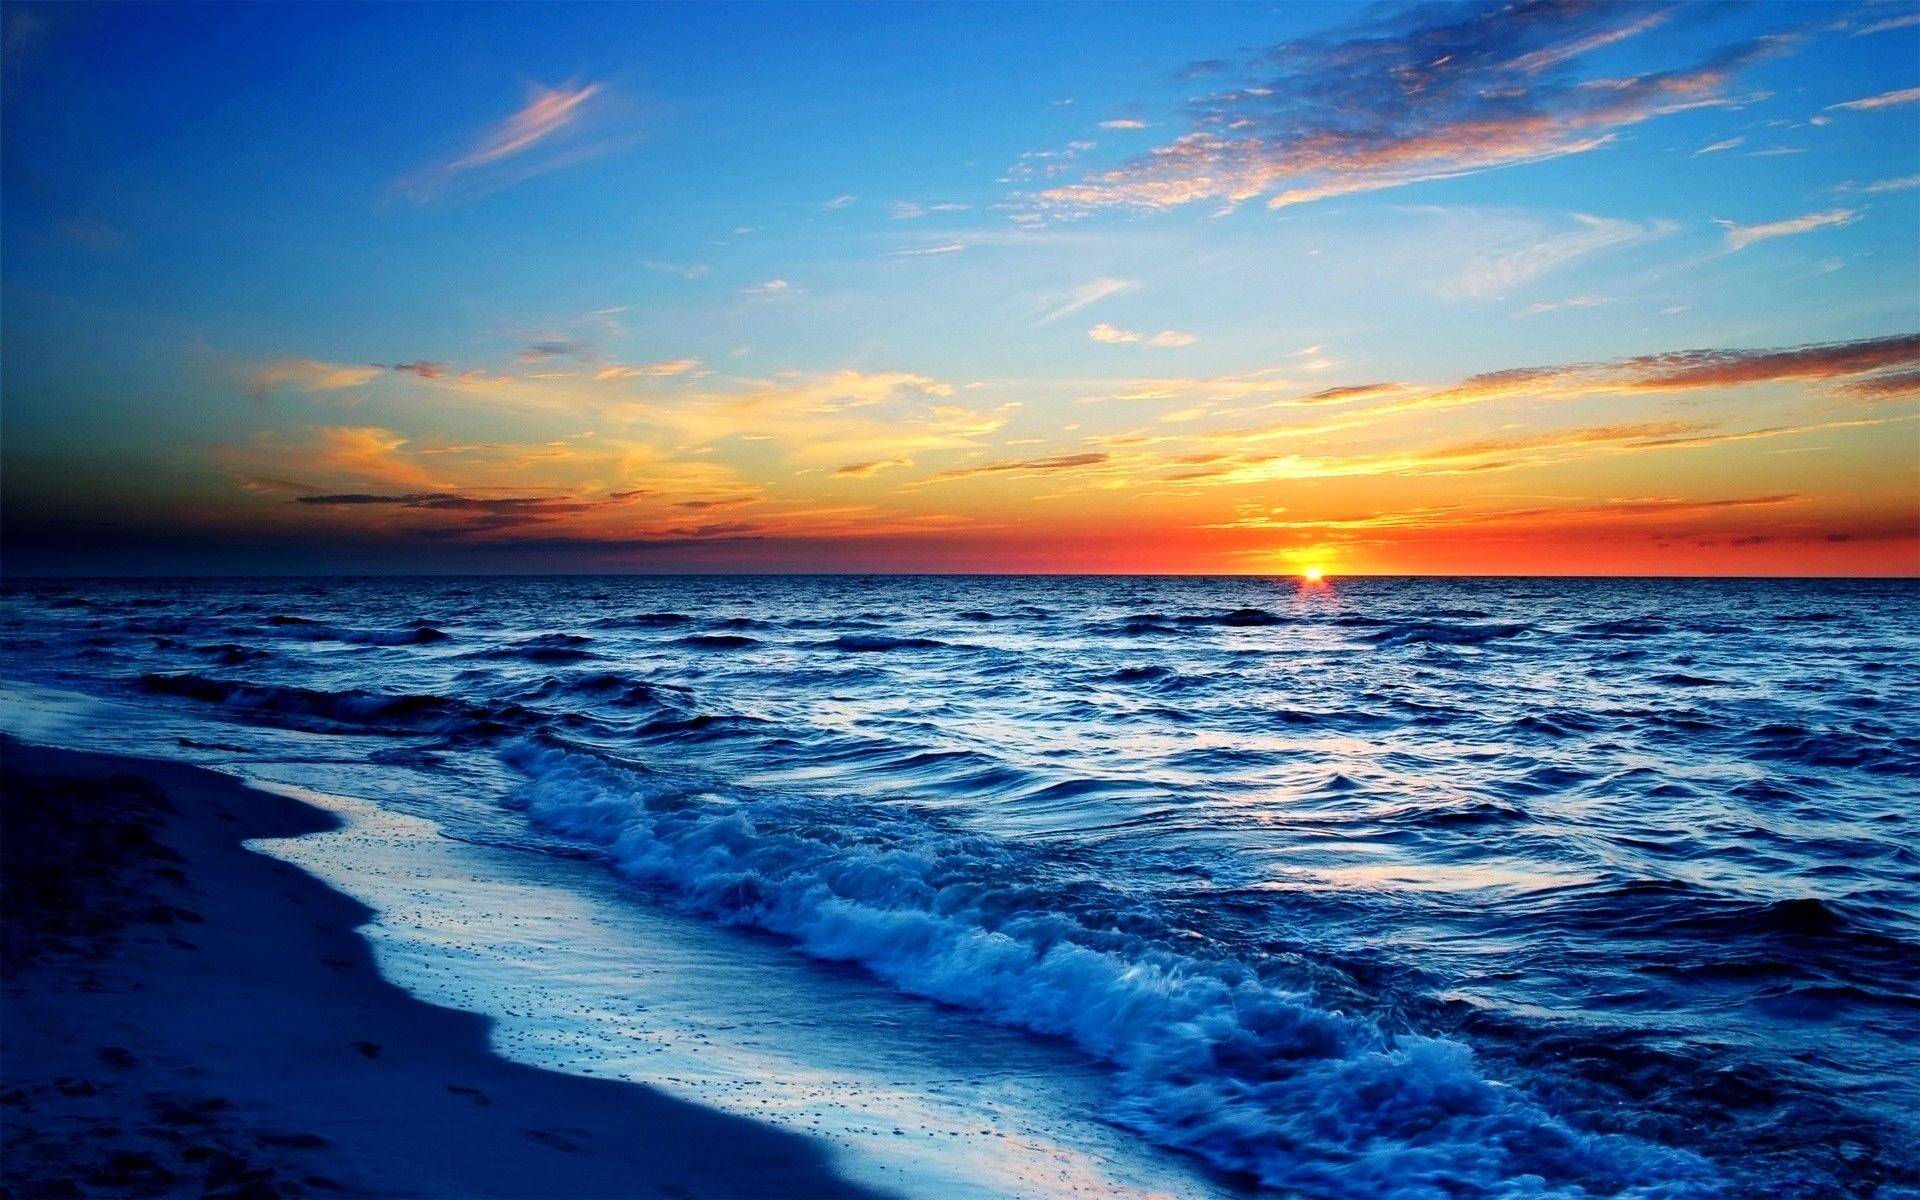 Картинки берег моря красивые фото